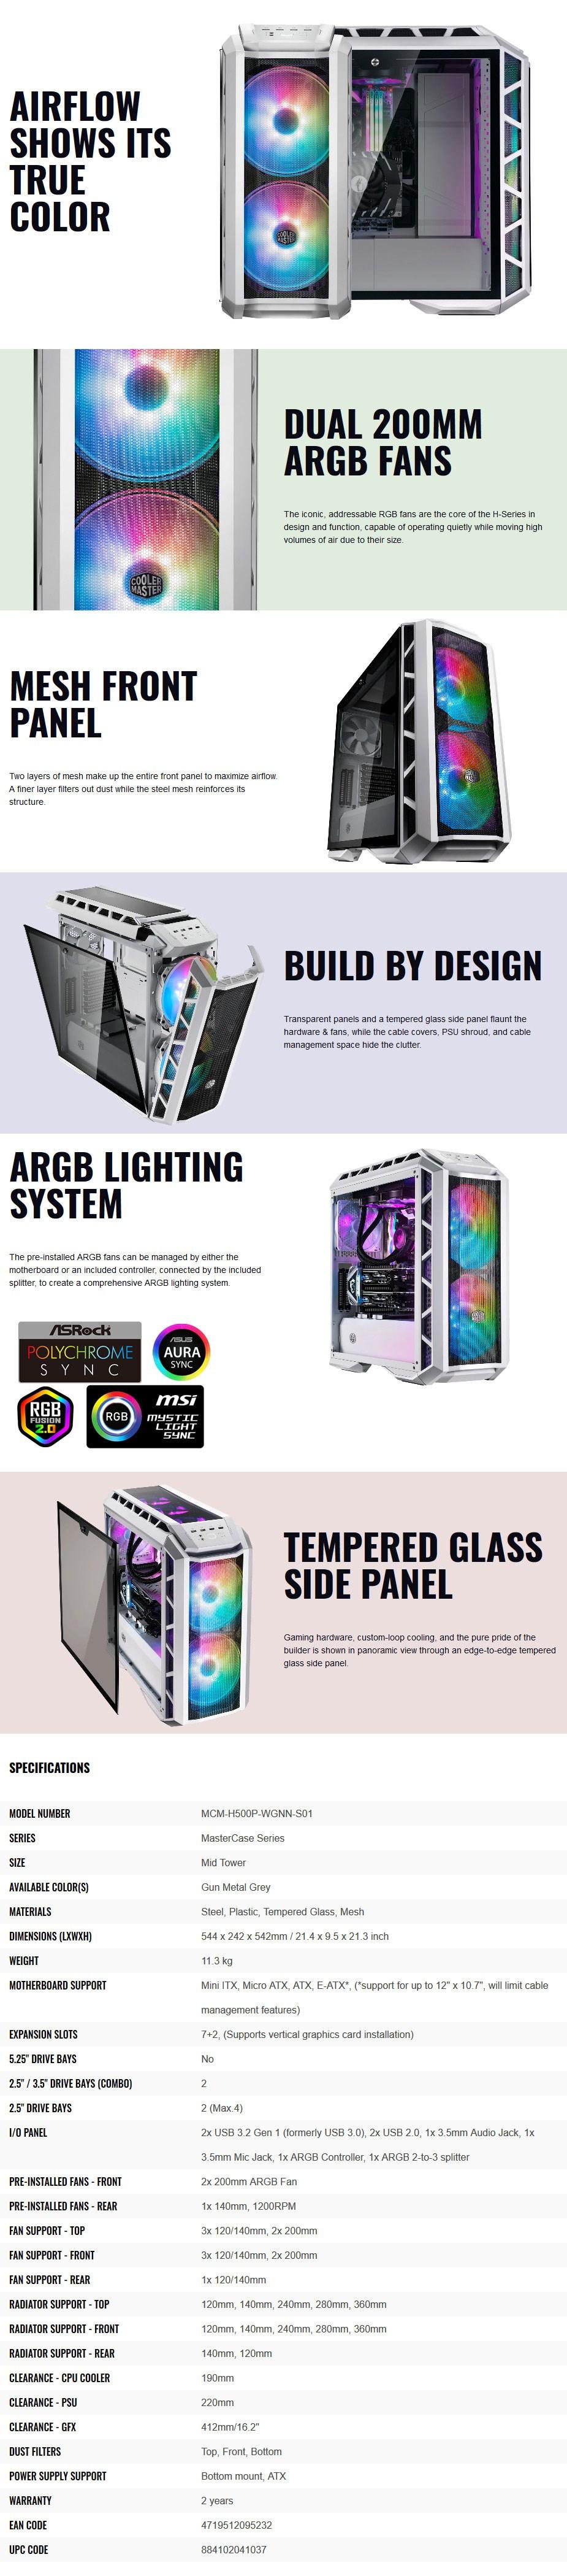 cooler-master-mastercase-h500p-argb-mesh-tg-midtower-atx-case-white-ac31720.jpg